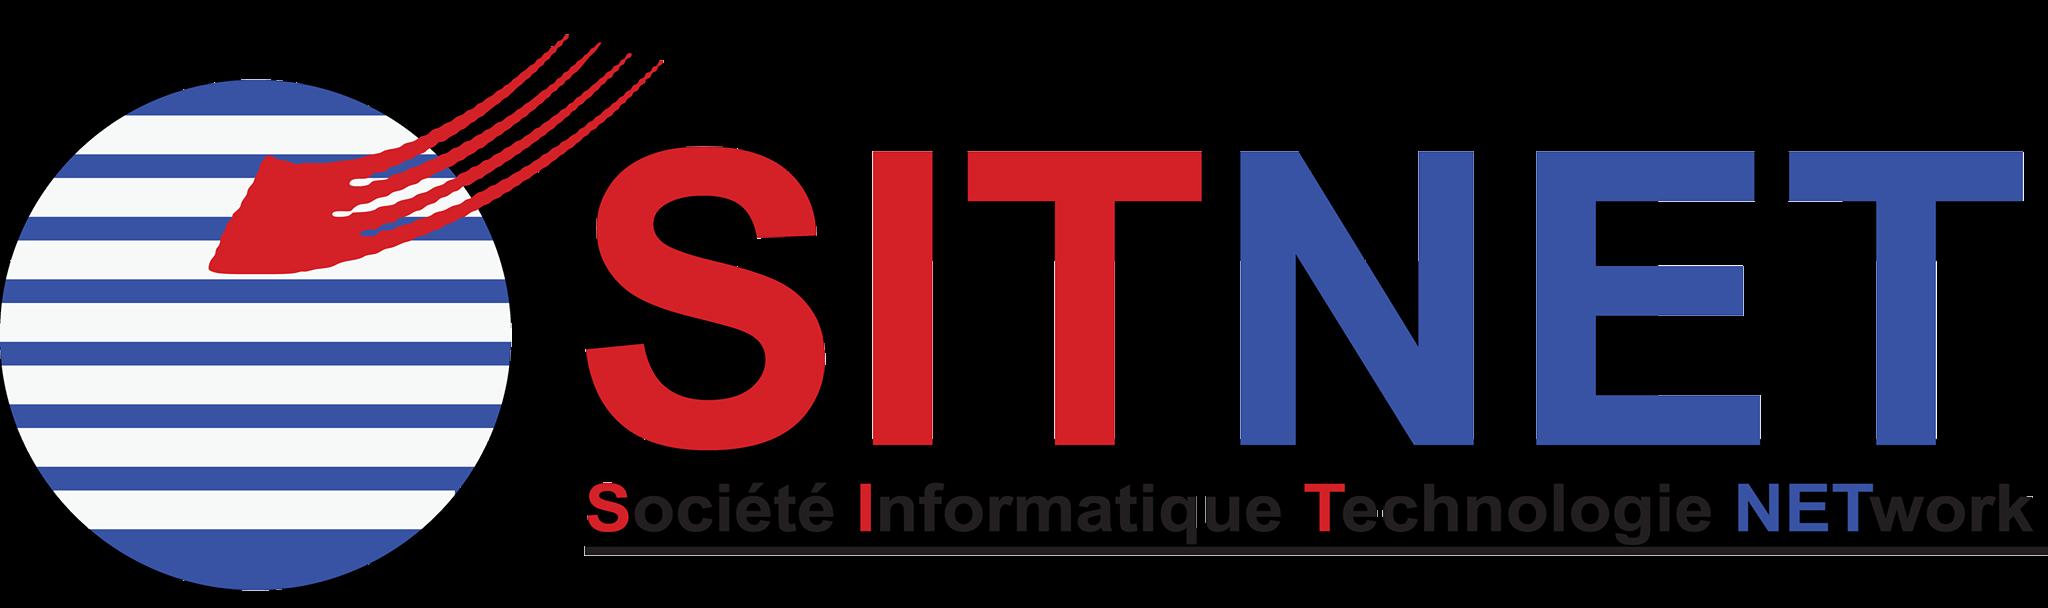 SITNET Company